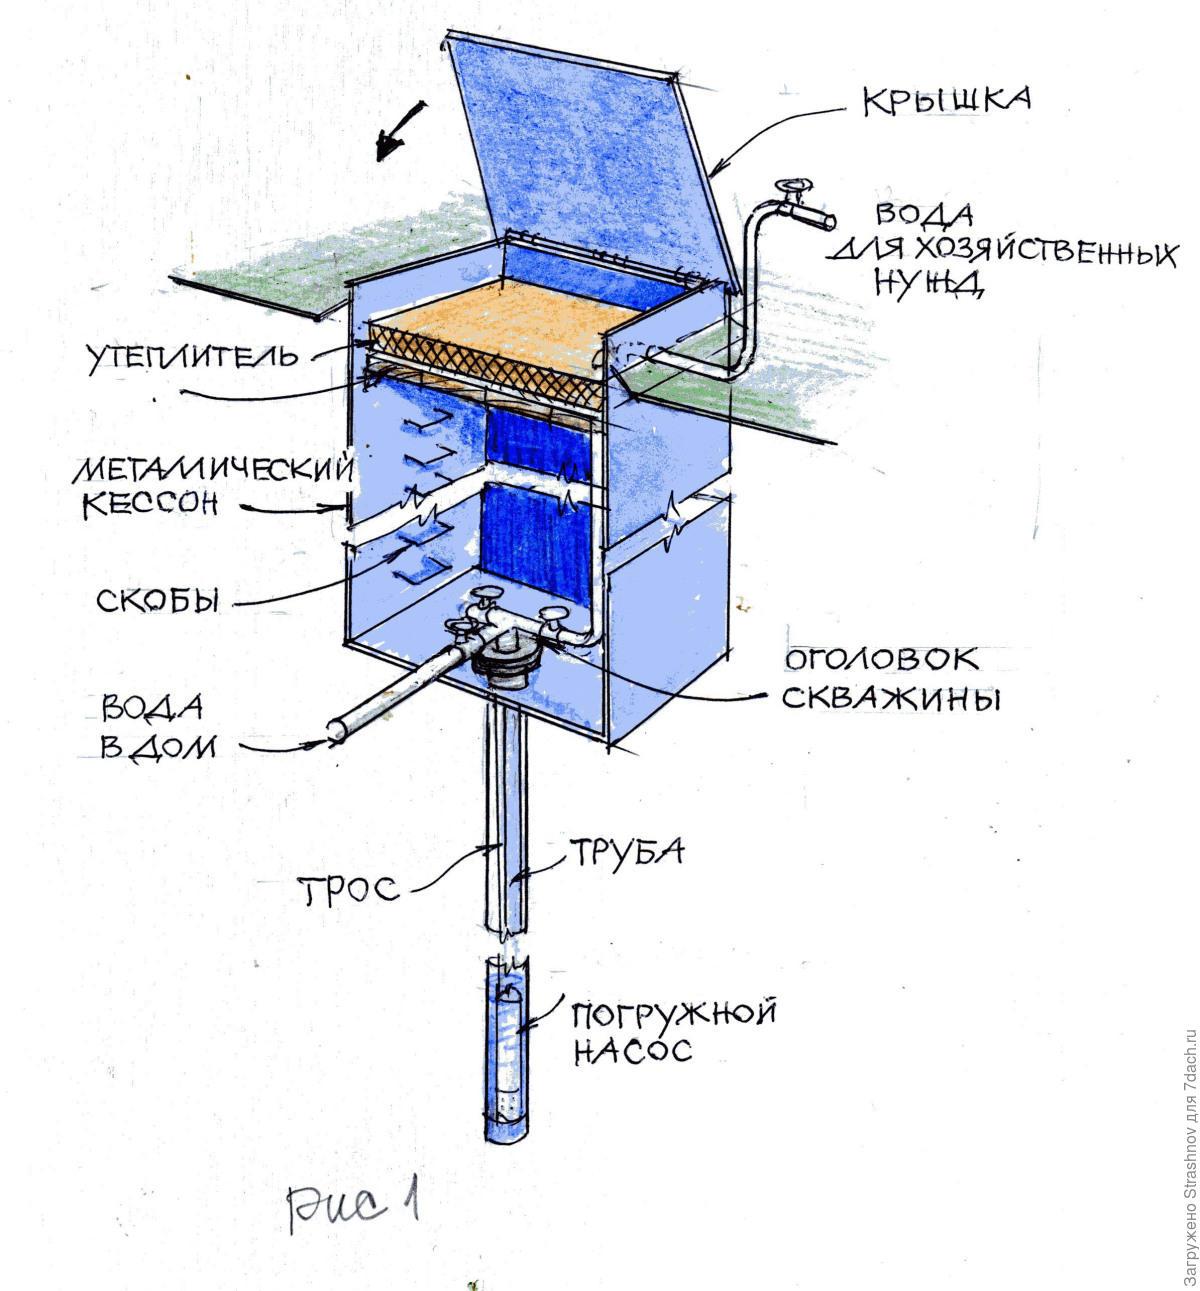 Как утеплить скважину на зиму: технологии и схемы утепления